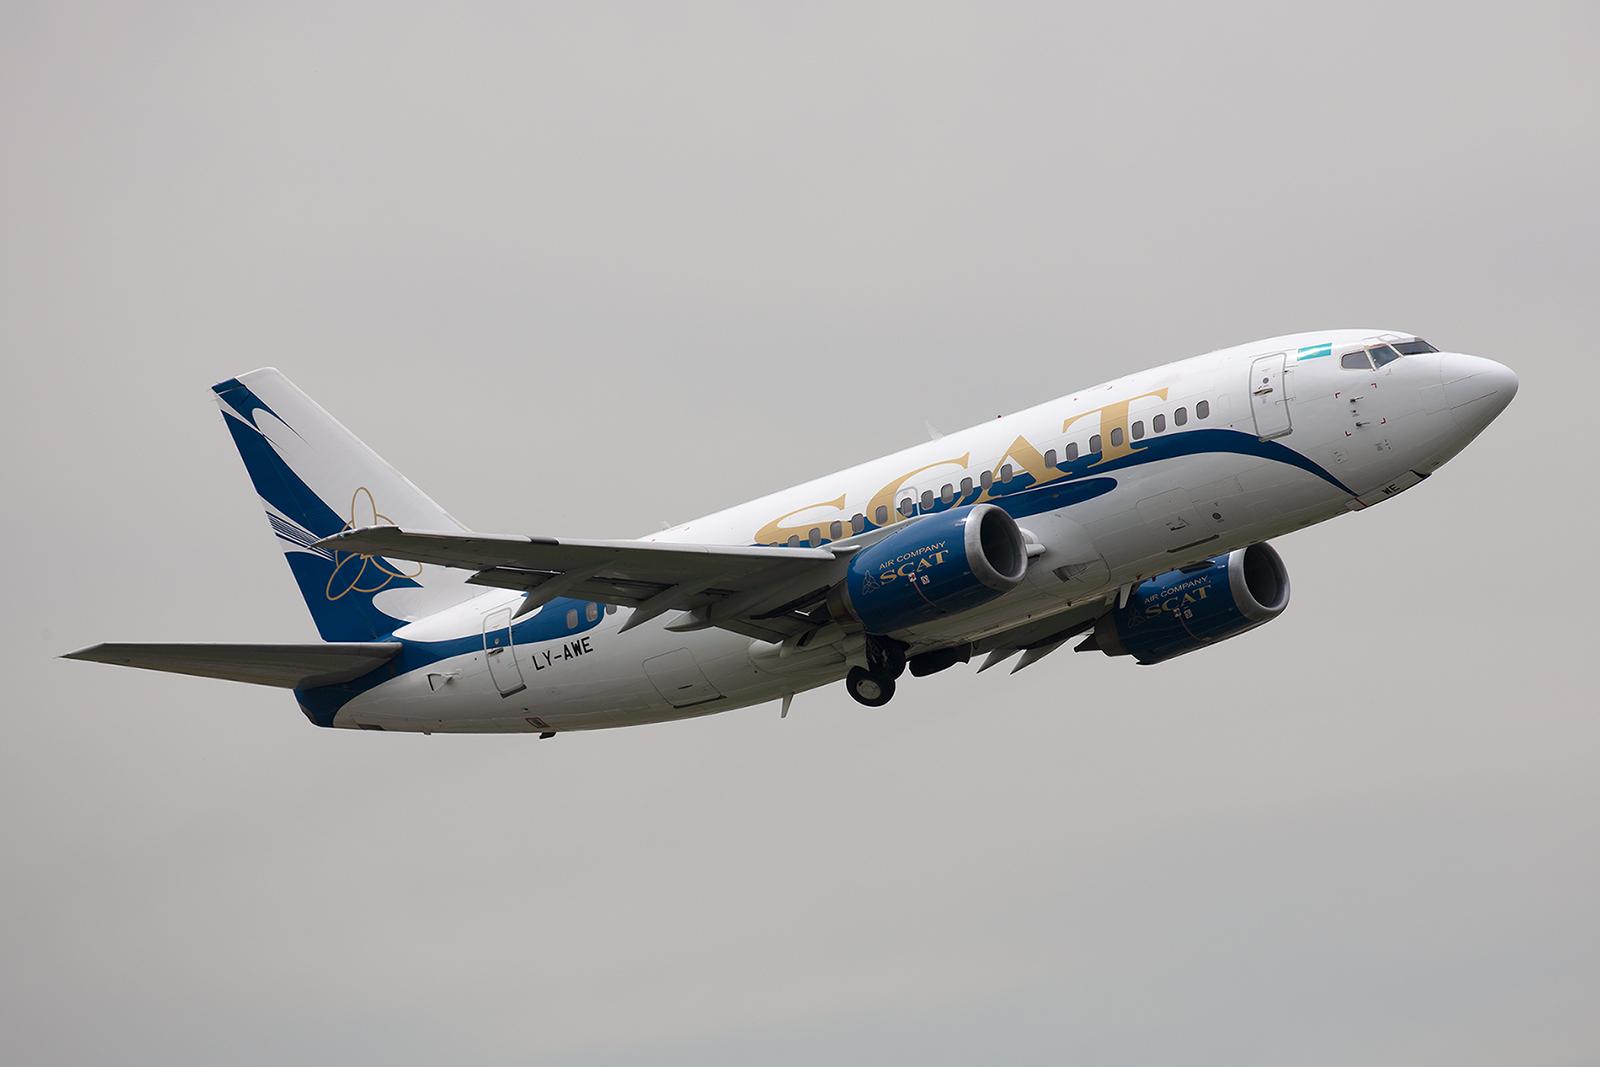 SCAT Air Boeing 737-522, die 25 Jahre alte Maschine stammt ursprünglich von United Airlines.